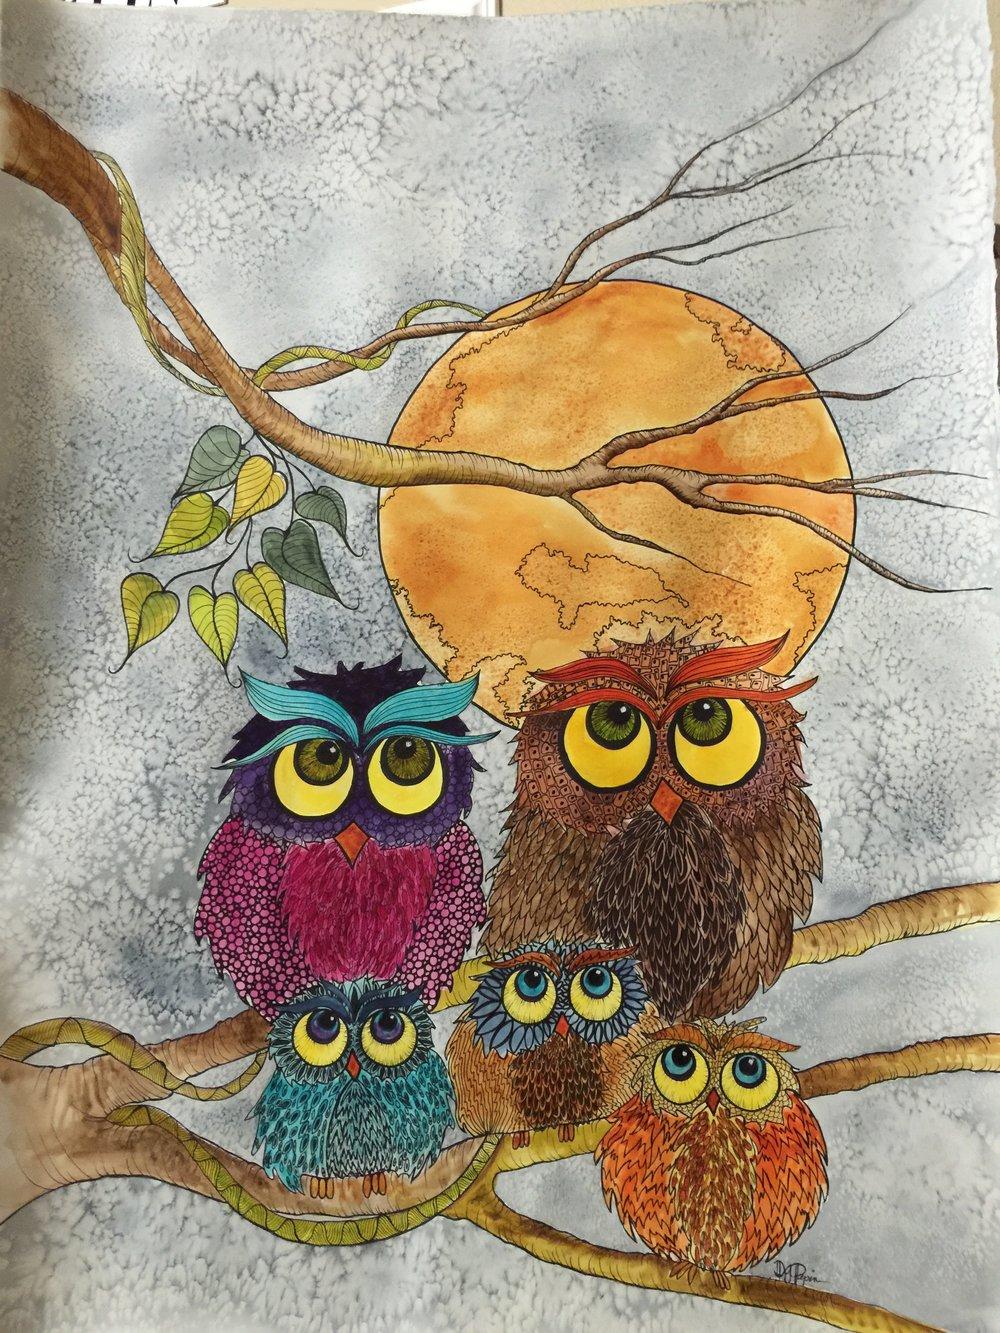 Owl Family  Doodle Art  24 x 36 Framed  $ 595.00